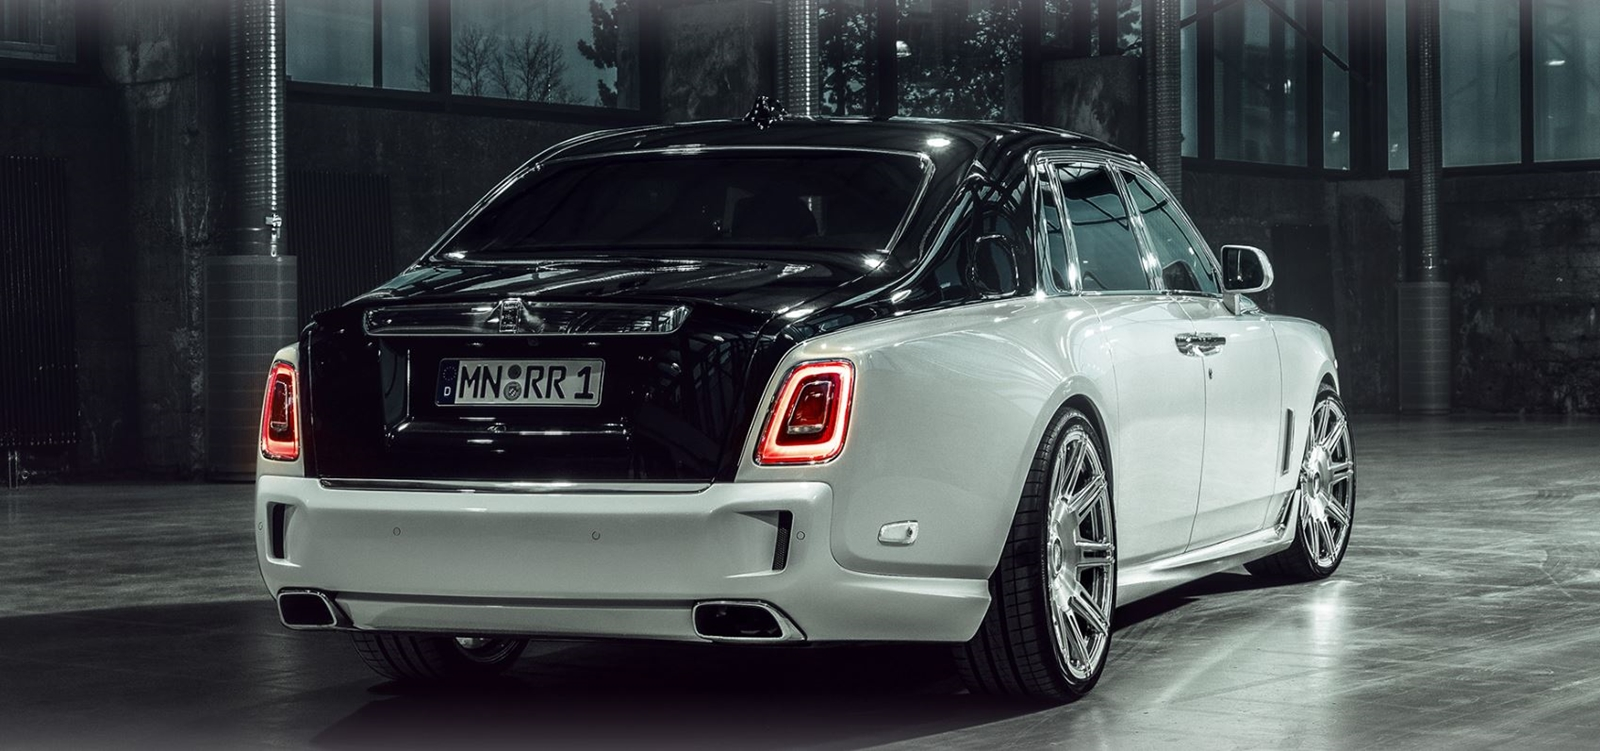 Rolls Royce Phantom Spofec (4)